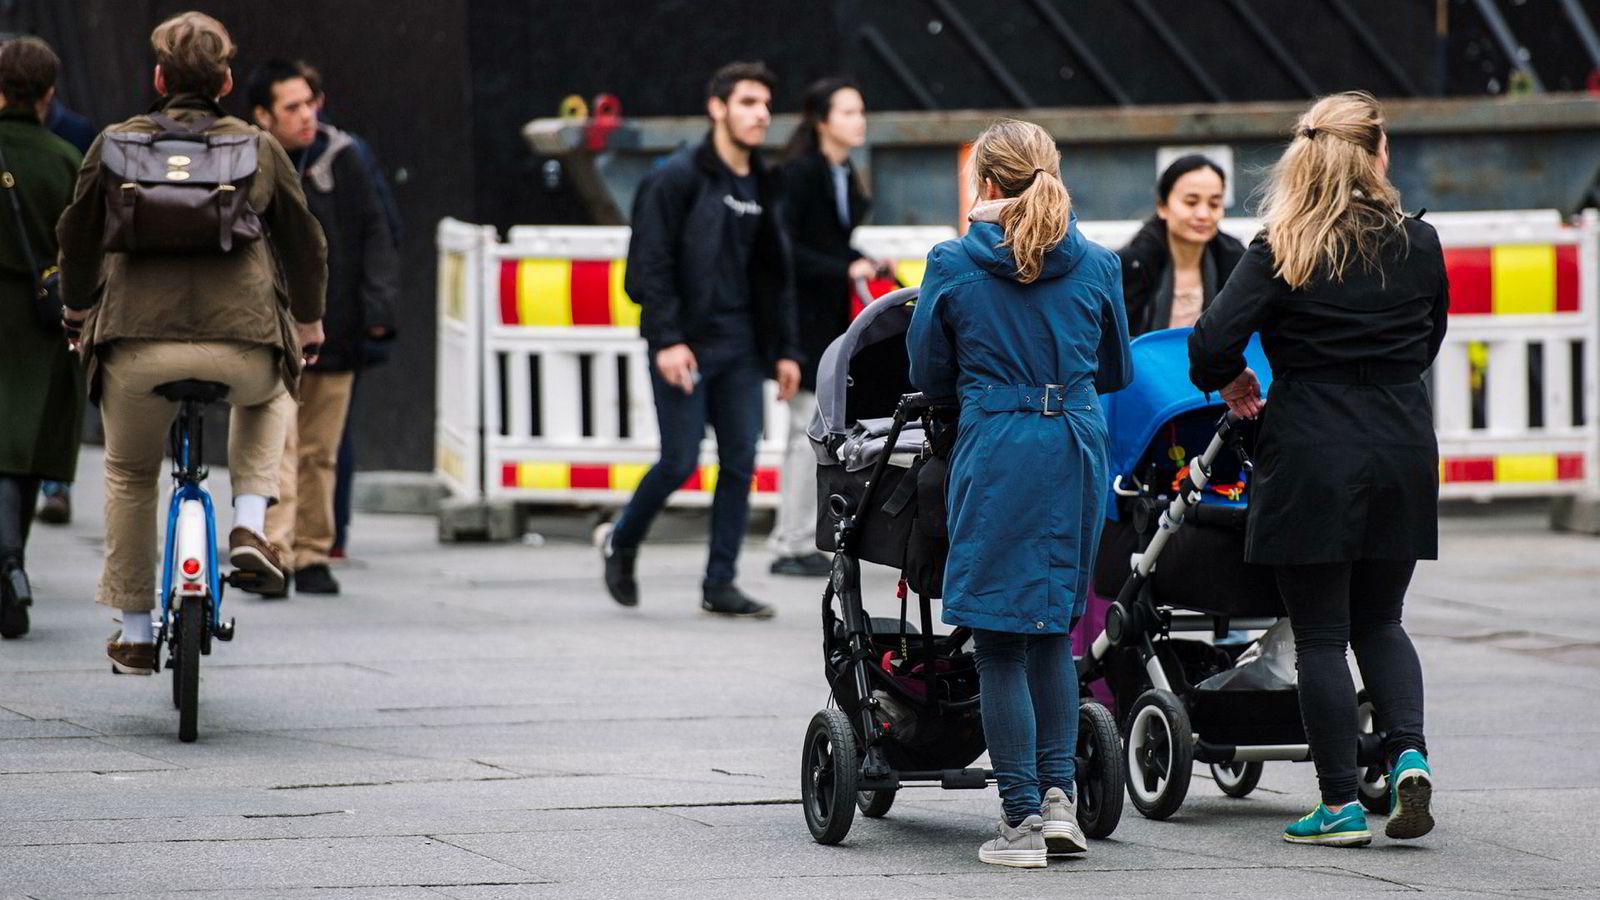 Først var det barnetillegget i uføretrygden som kom i søkelyset. Høyre-/Frp-regjeringen ville ha drastiske endringer.